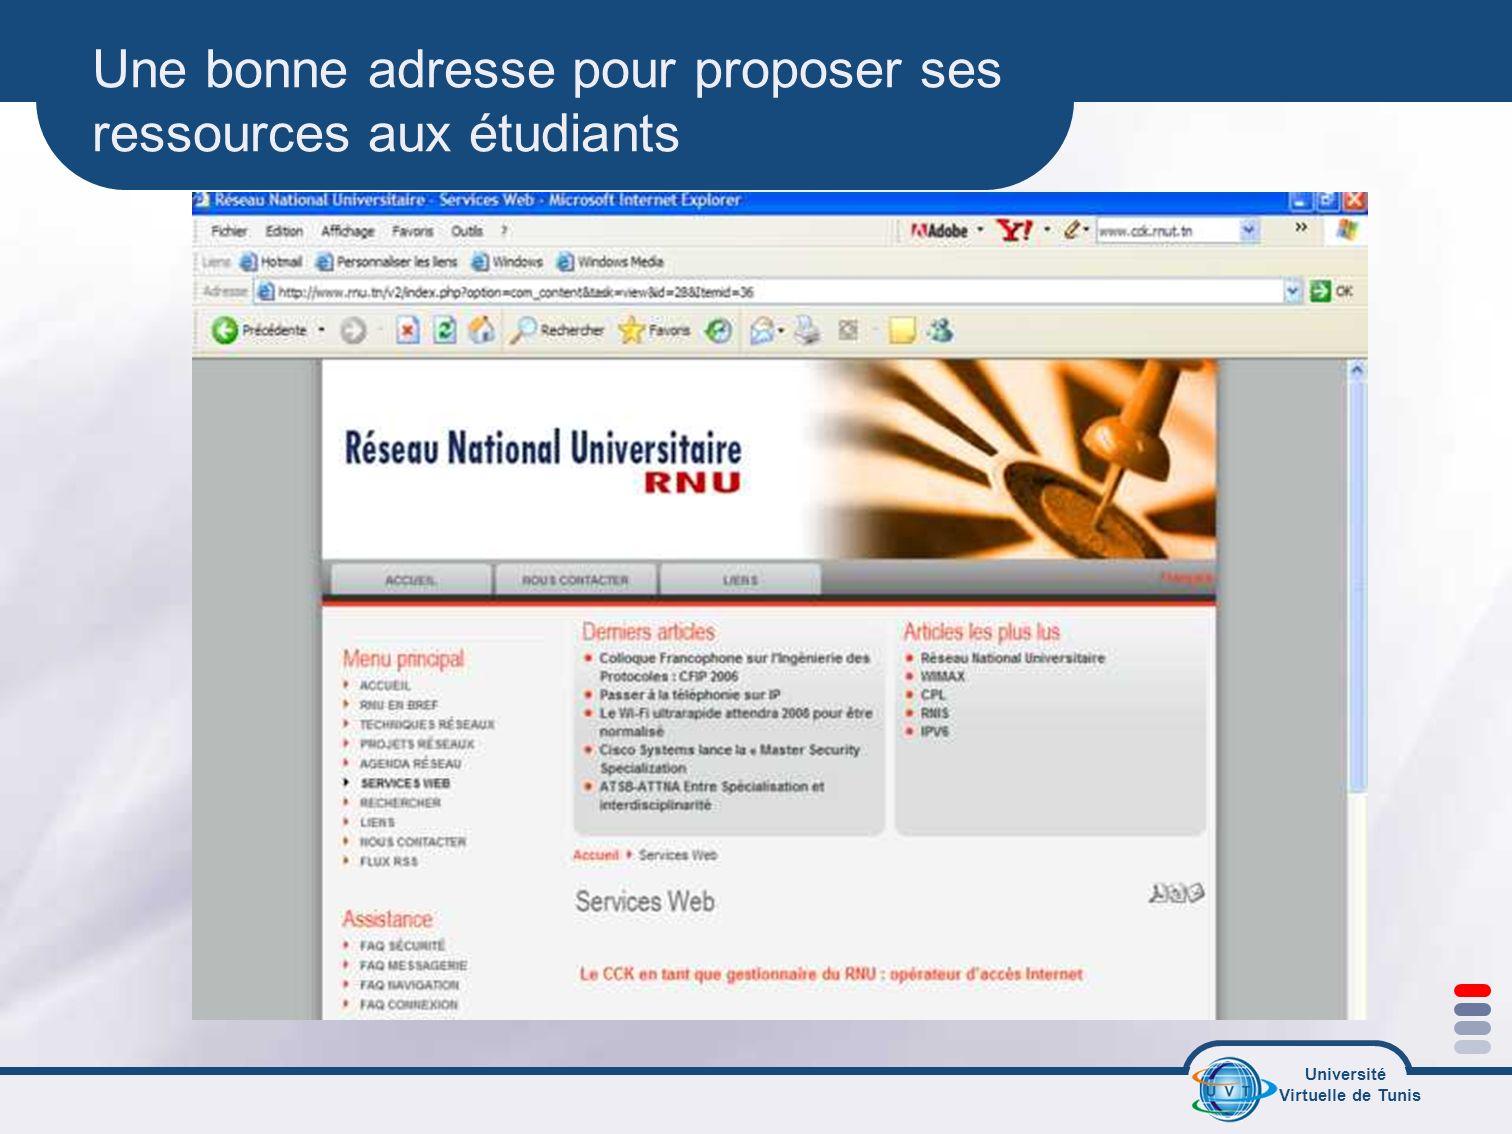 Université Virtuelle de Tunis Une bonne adresse pour proposer ses ressources aux étudiants